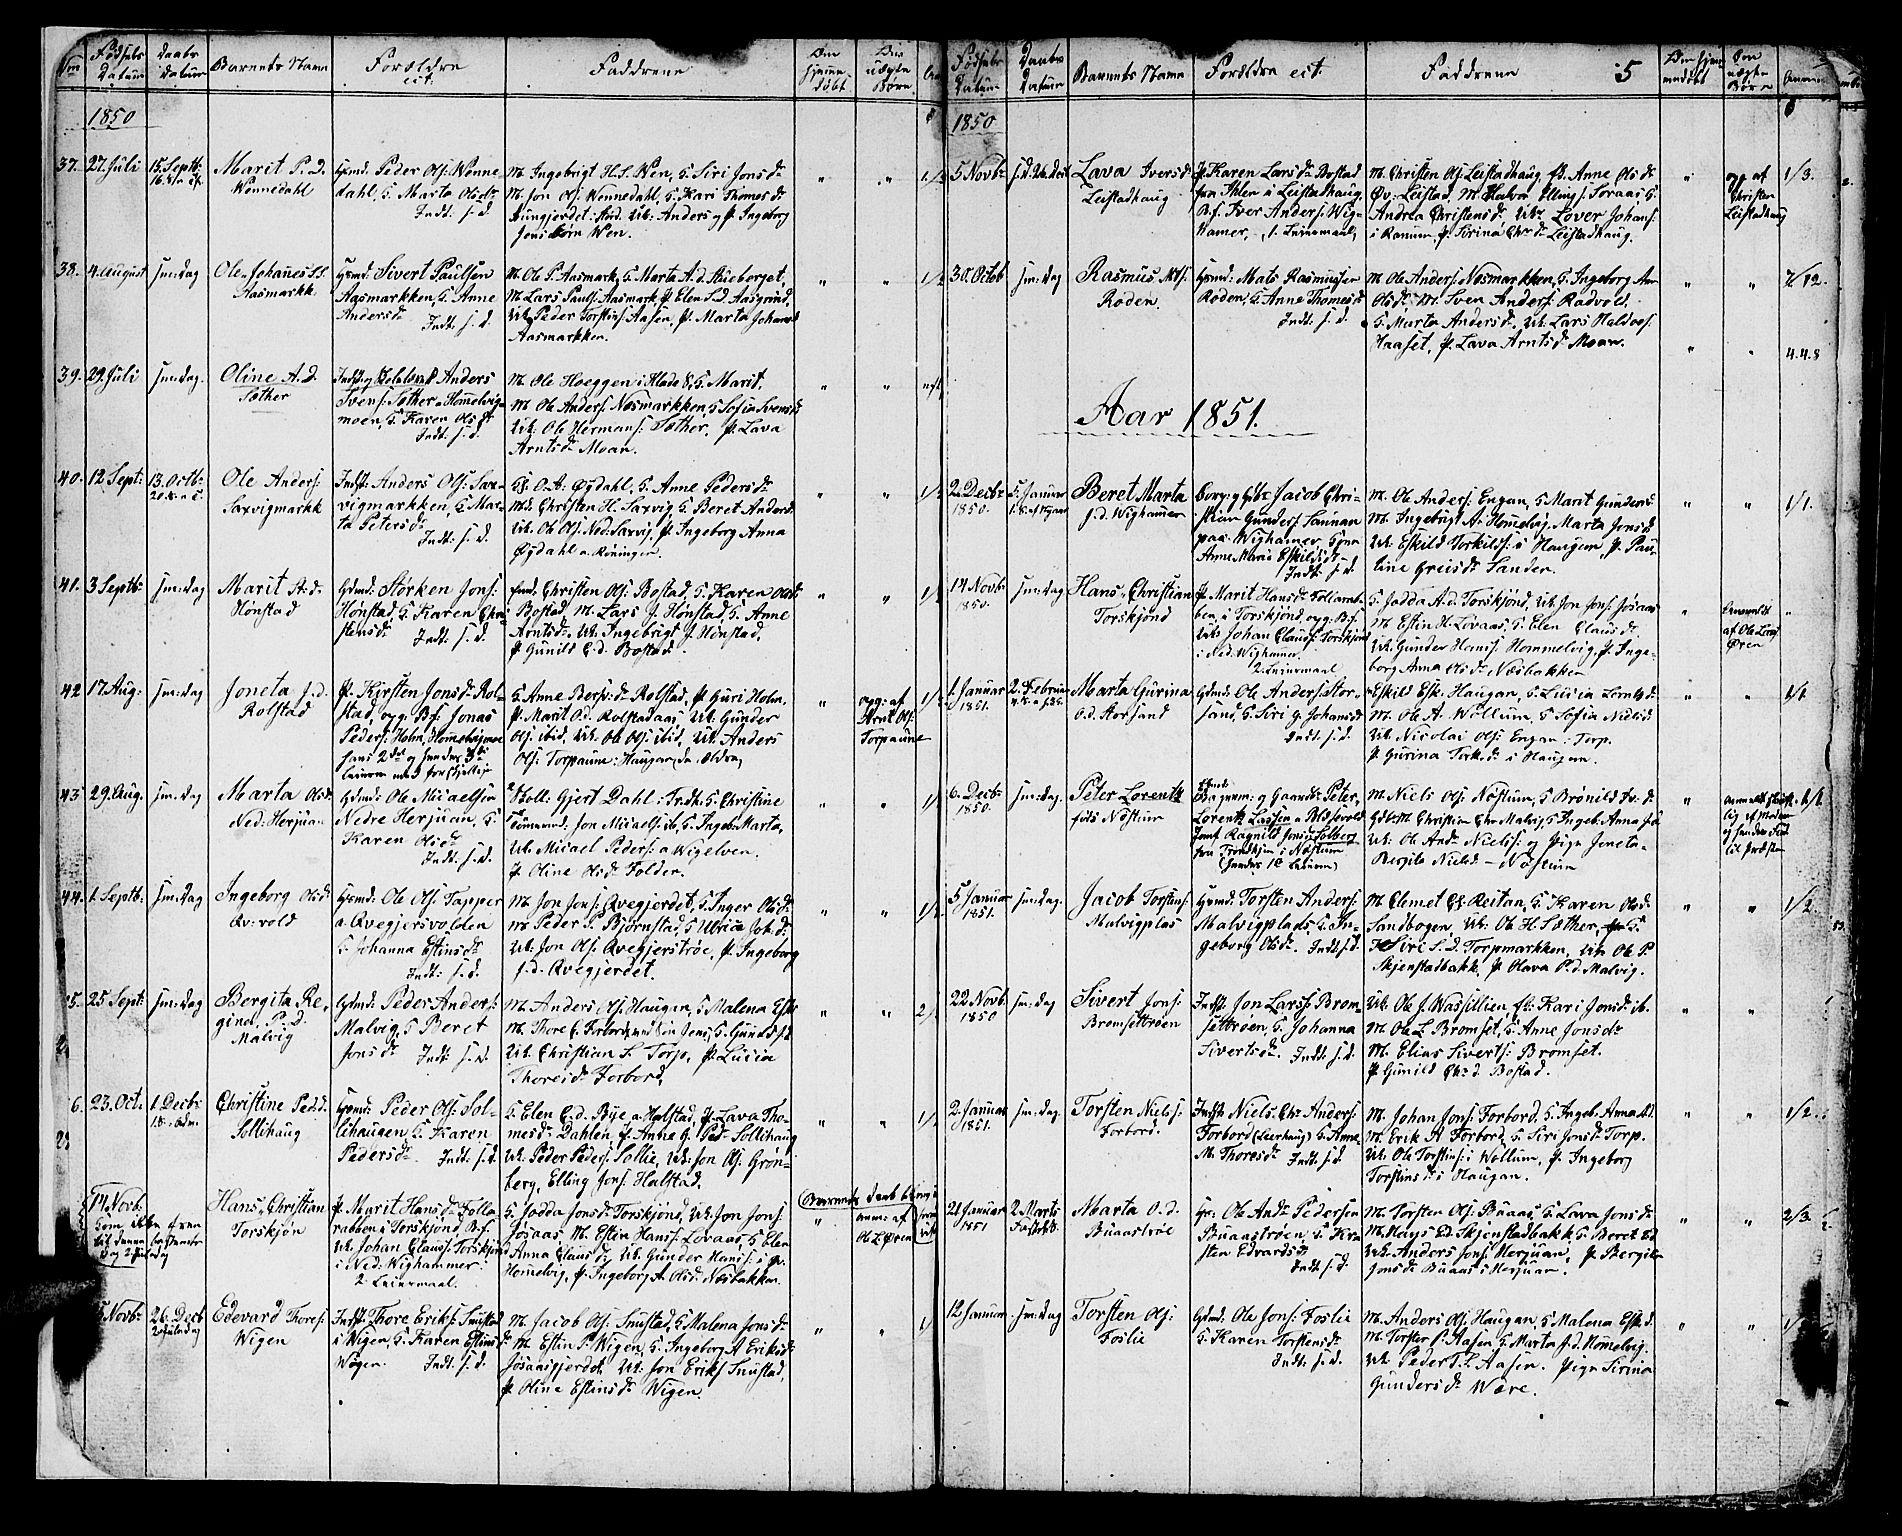 SAT, Ministerialprotokoller, klokkerbøker og fødselsregistre - Sør-Trøndelag, 616/L0422: Klokkerbok nr. 616C05, 1850-1888, s. 3